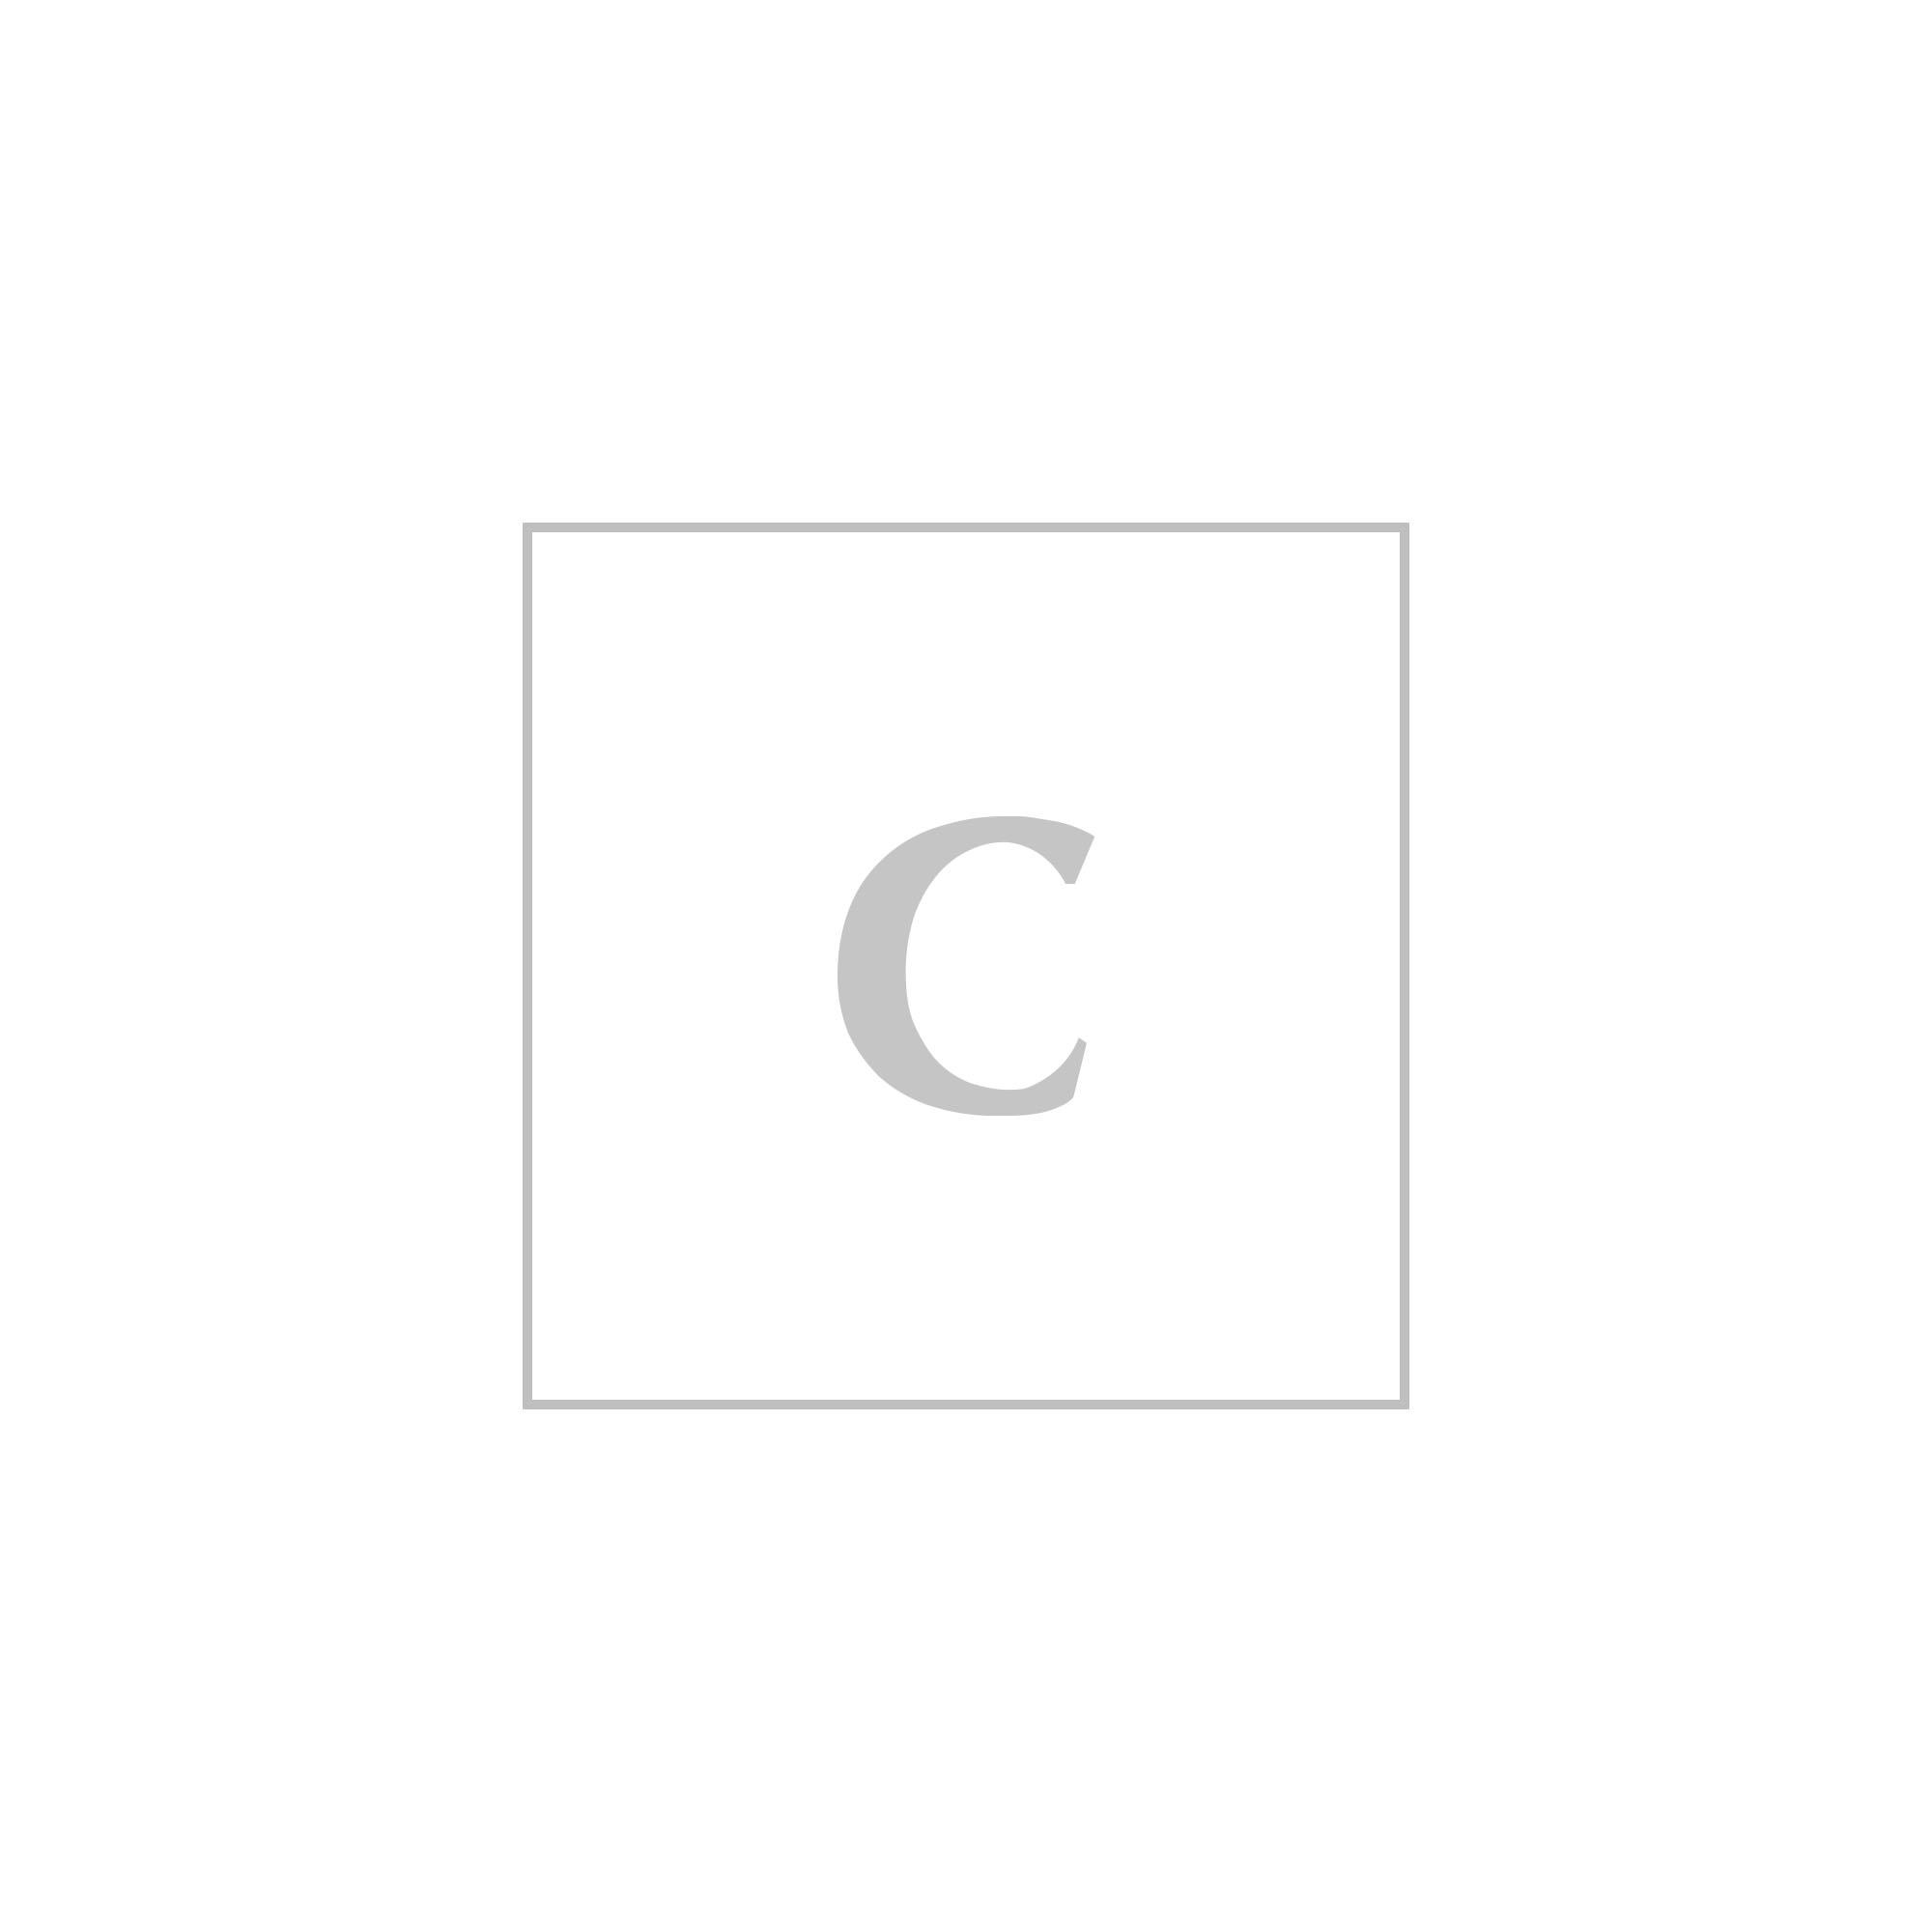 Dolce & gabbana borsa mini bag vitello stampa dauphine sicily